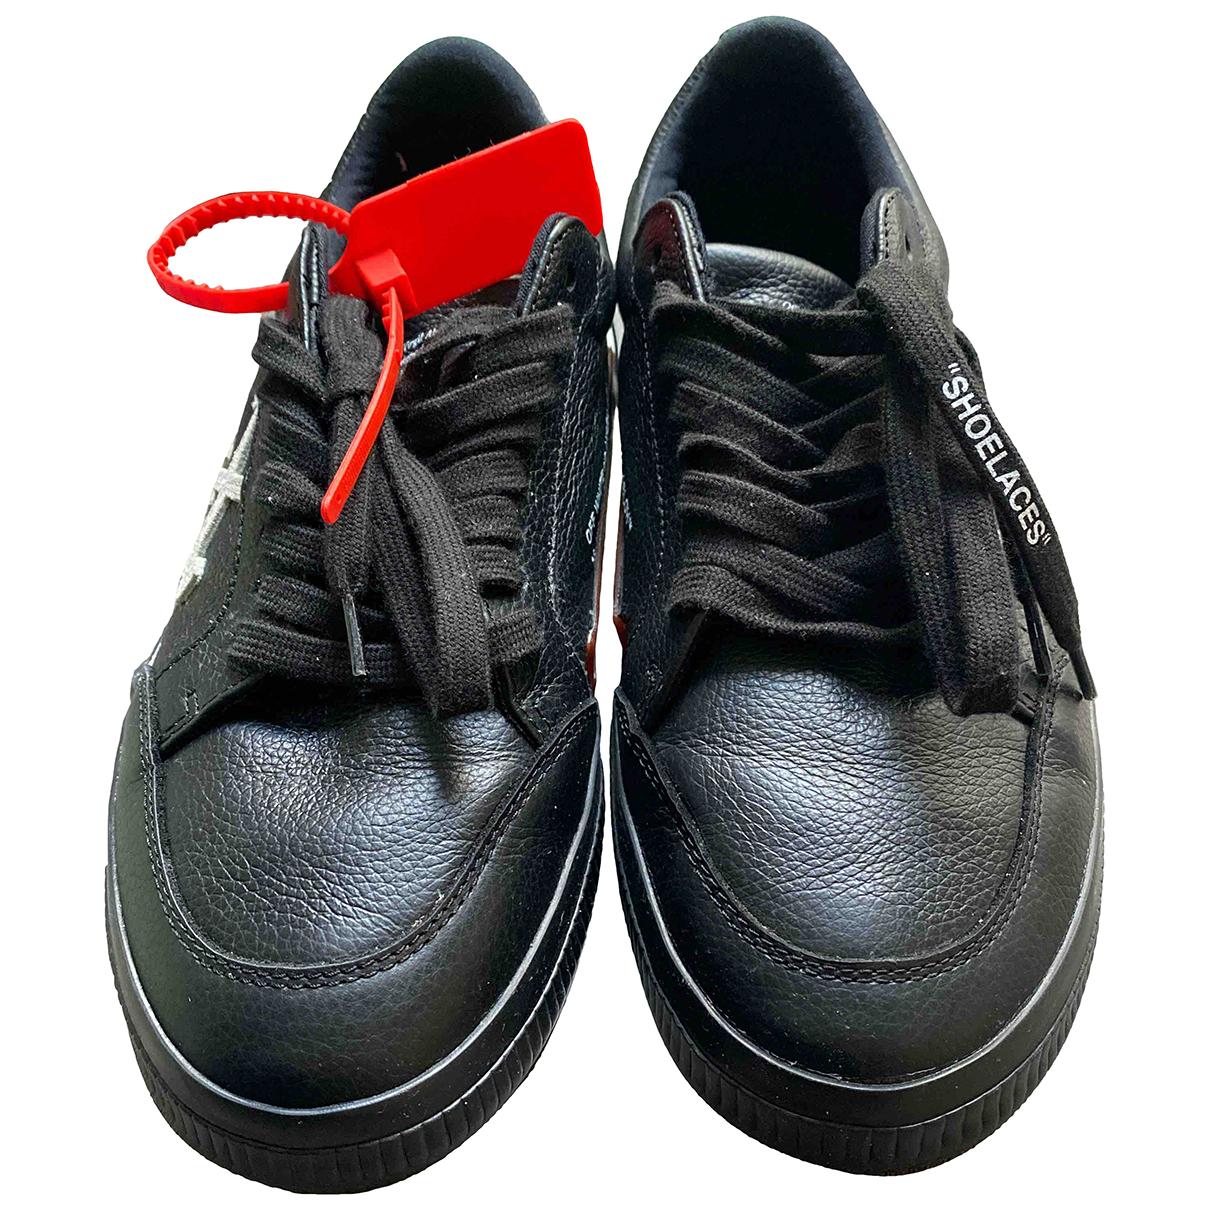 Off-white - Baskets Vulc pour homme en cuir - noir